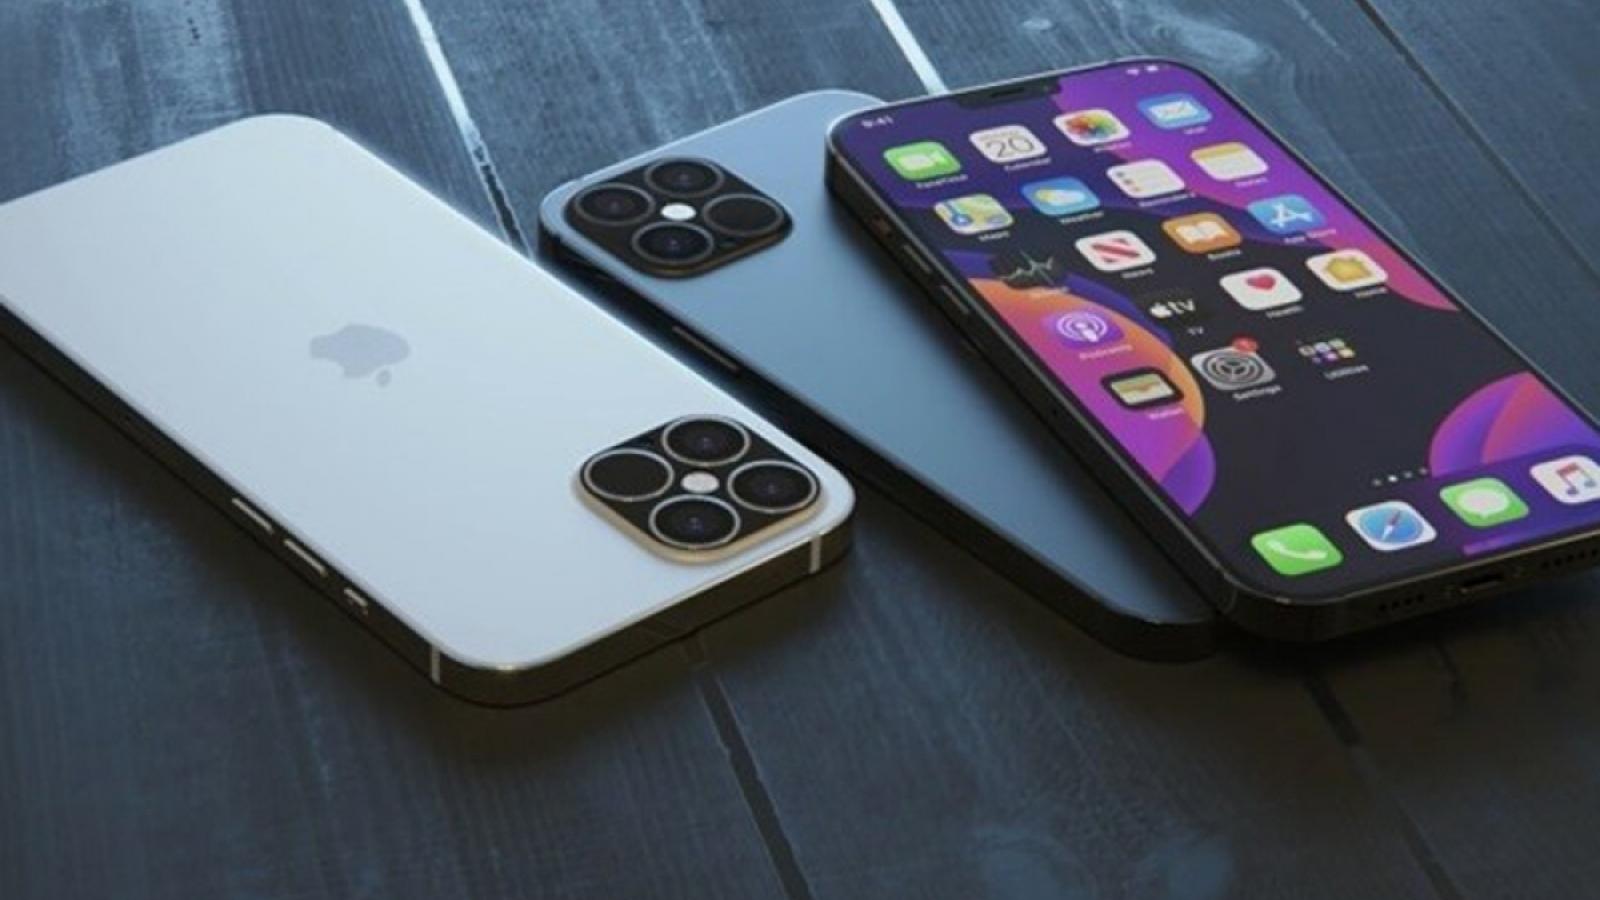 Bán iPhone 12 xách tay có thể bị phạt tới 200 triệu đồng